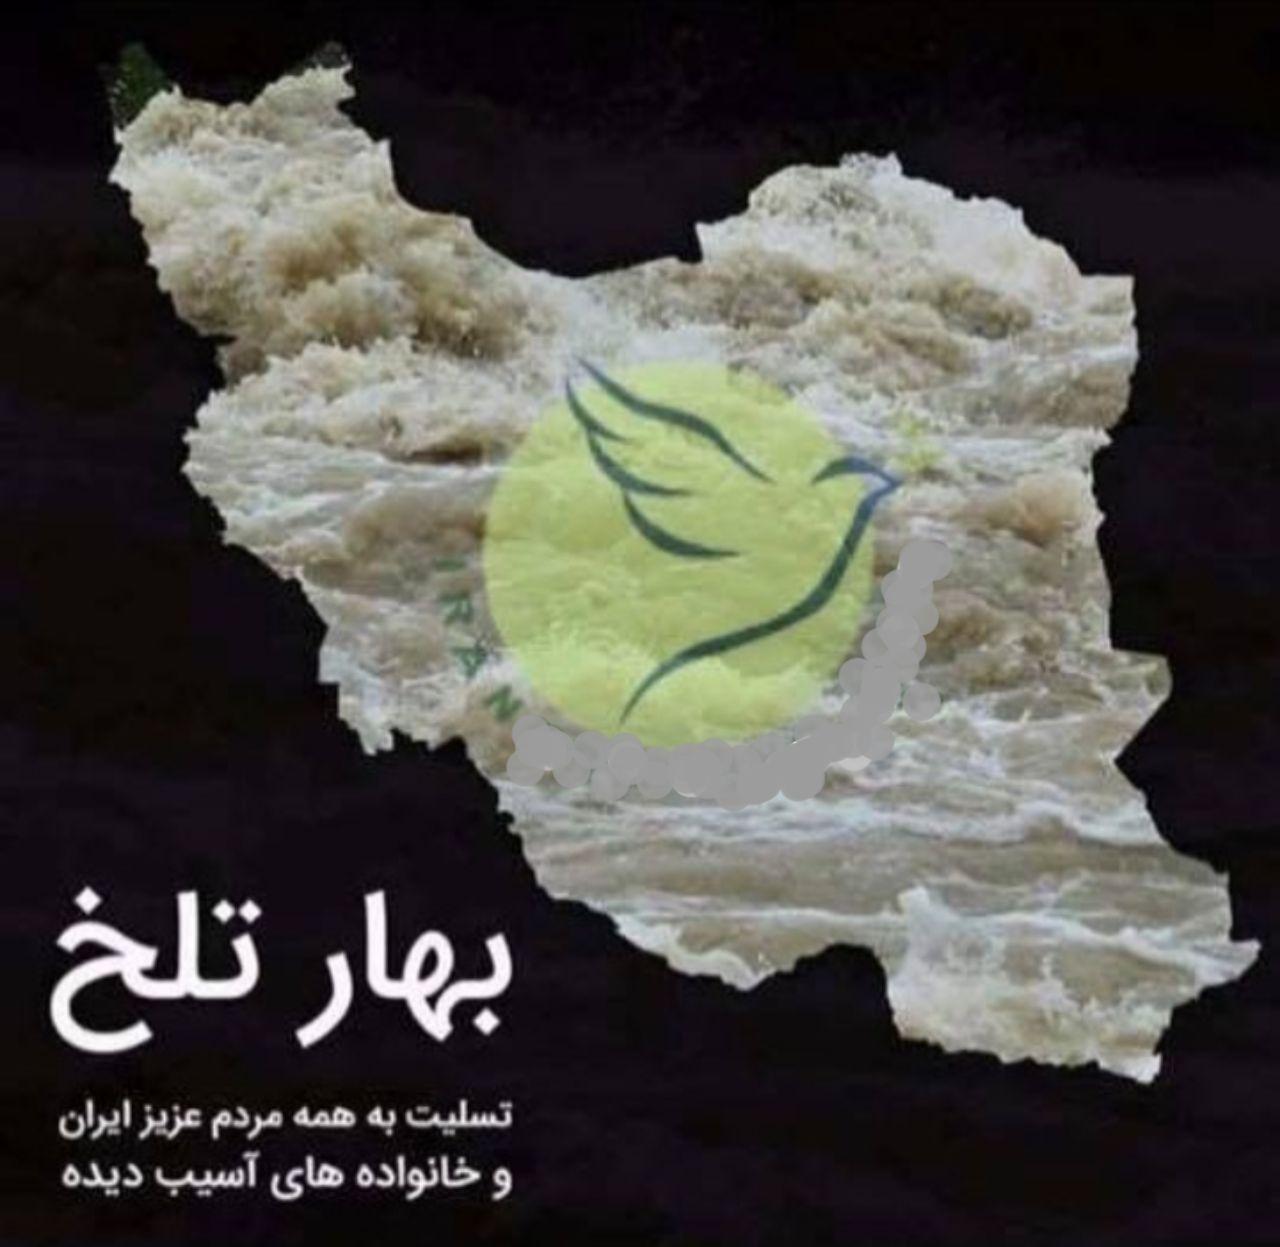 تسلیت به مردم ایران و خانواده های آسیب دیده سیل